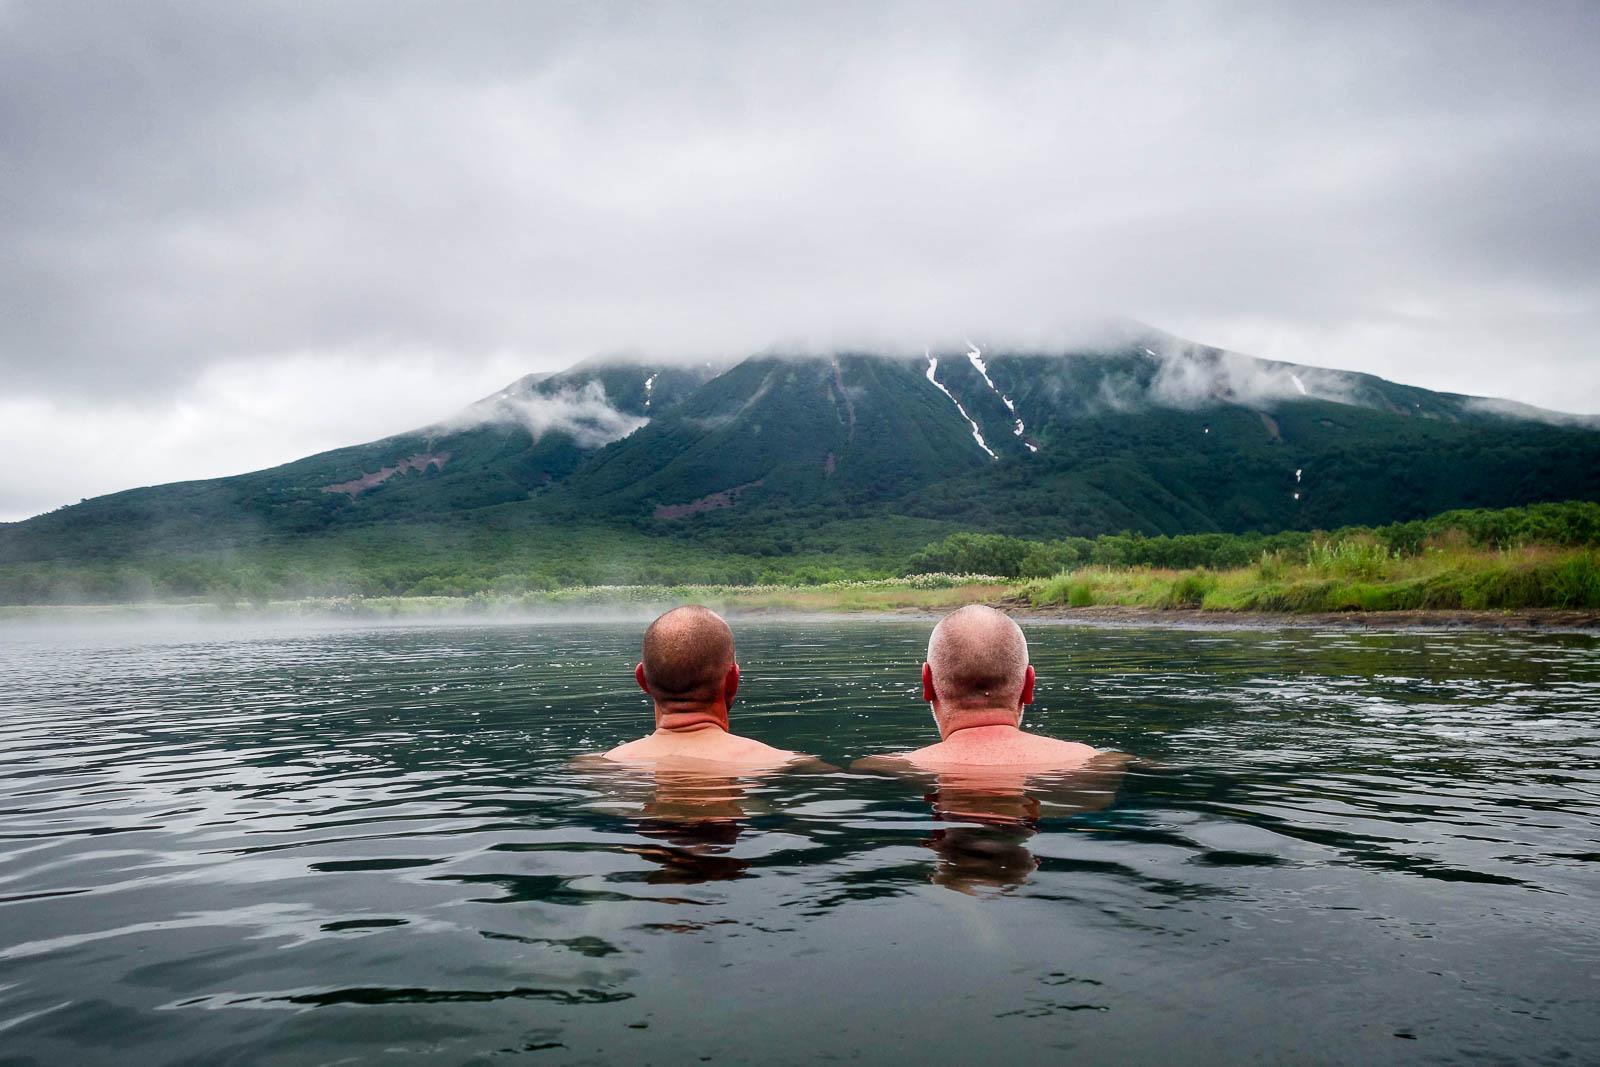 kamchatka-2015-khodutka-hot-springs-9